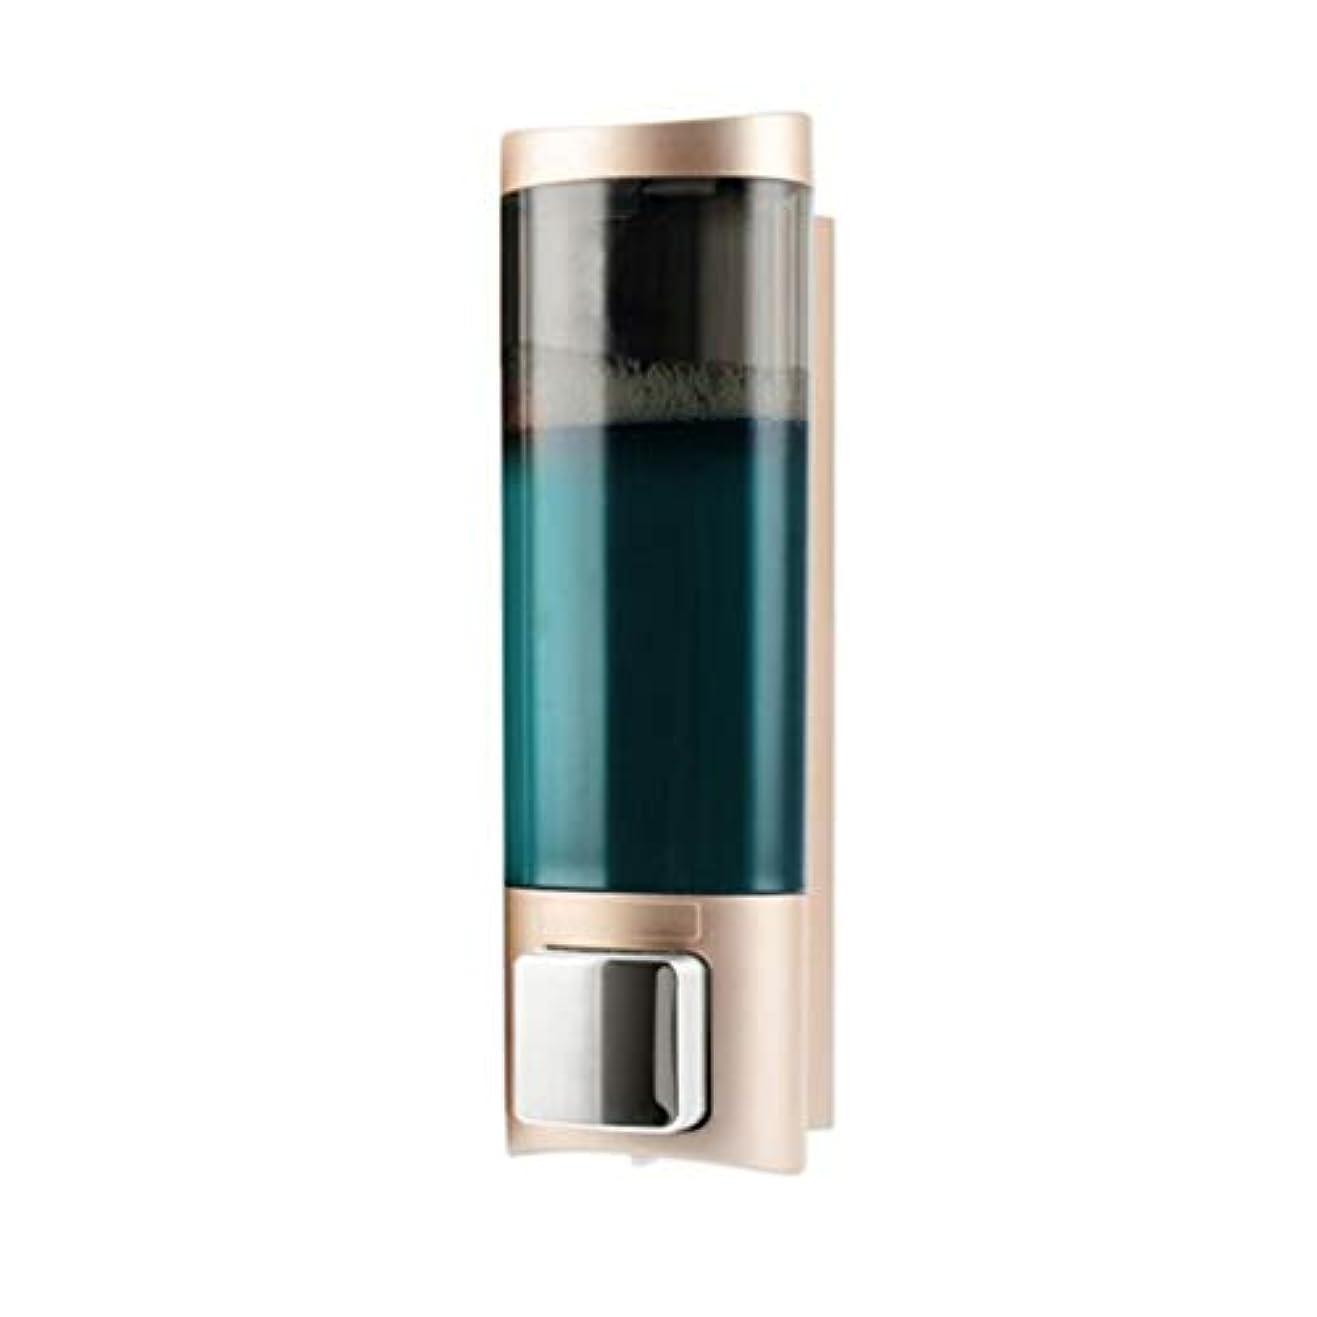 肯定的最大のその後Kylinssh 液体石鹸ディスペンサーポンプ、浴室または台所、家のホテル - ステンレス鋼のために理想的な壁の台紙の石鹸/ローションディスペンサーポンプ